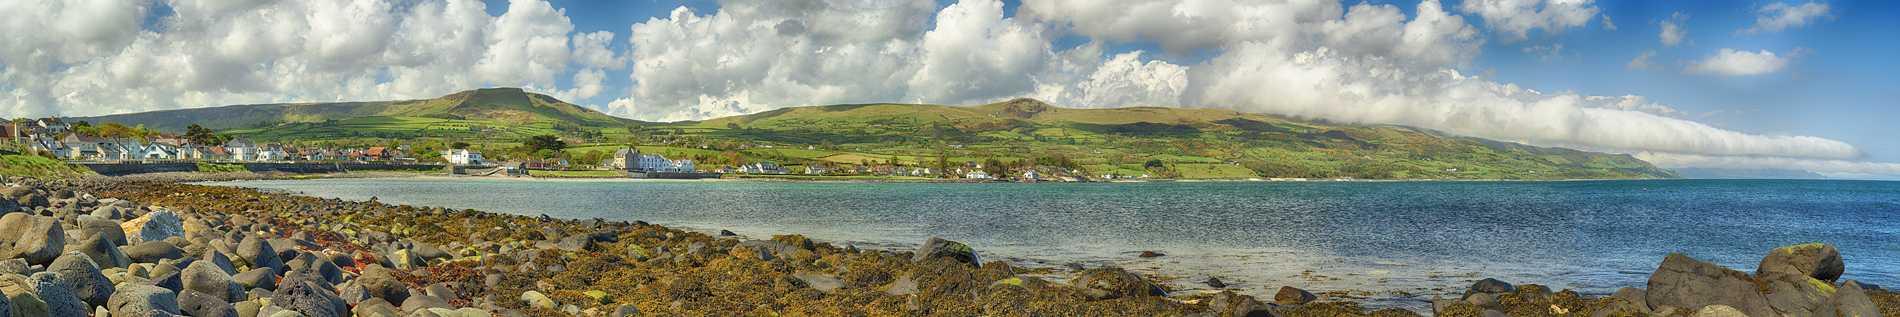 Ballygalley - Noord Ierland